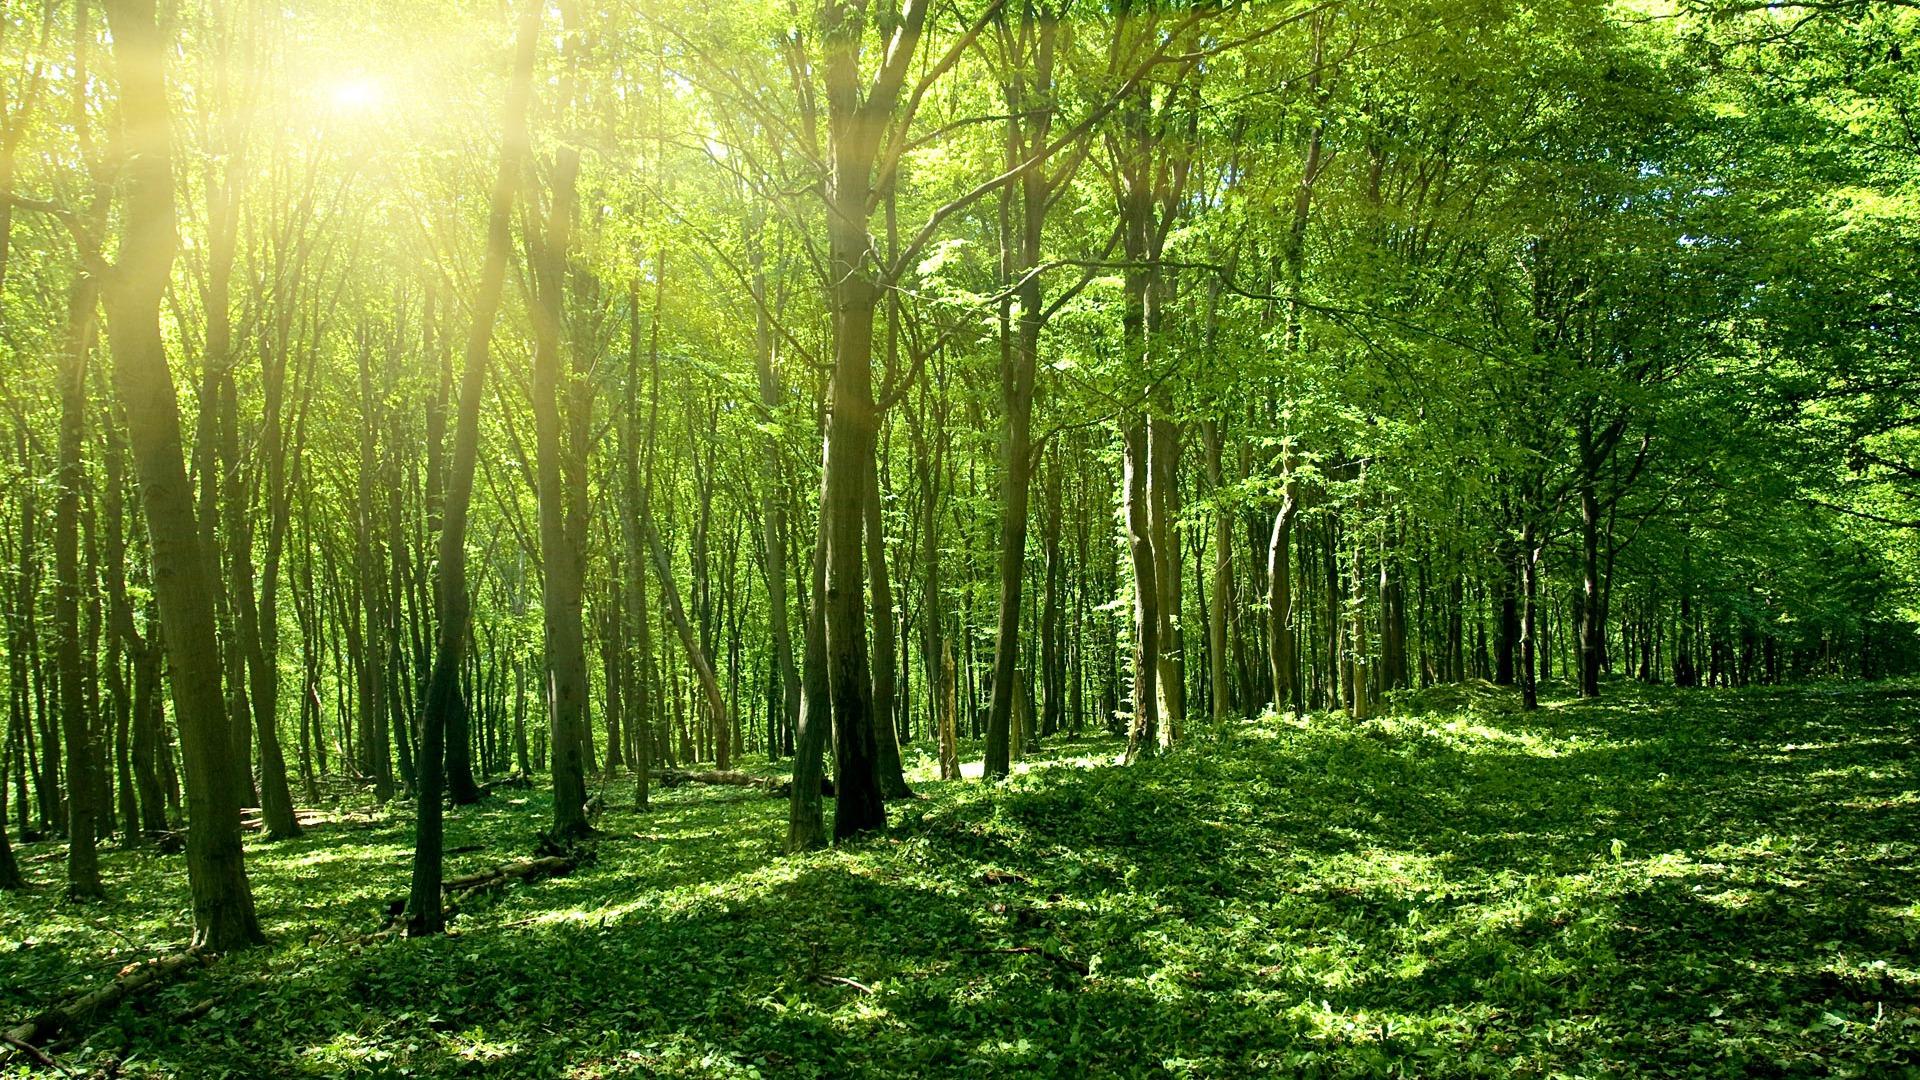 フレッシュジャングル自然風景テーマデスクトップ壁紙プレビュー